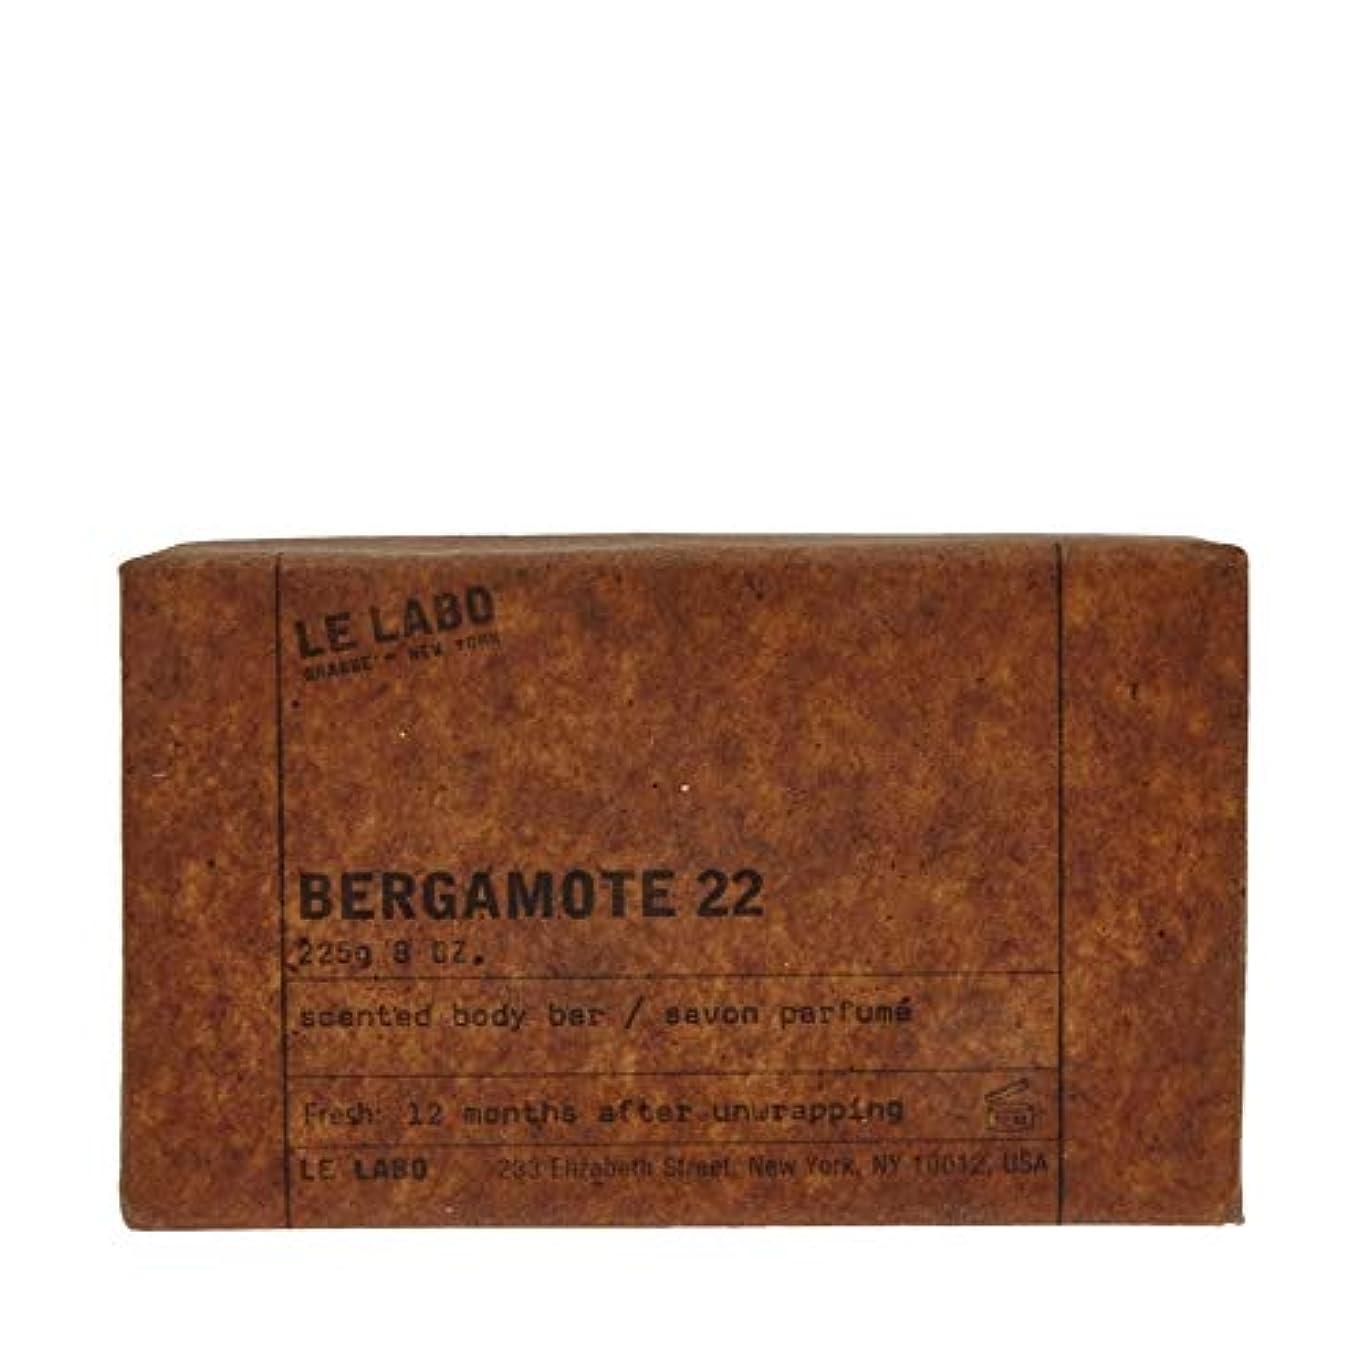 失態やさしく肯定的[Le Labo ] ルラボBergamote 22石鹸225グラム - Le Labo Bergamote 22 Soap 225g [並行輸入品]